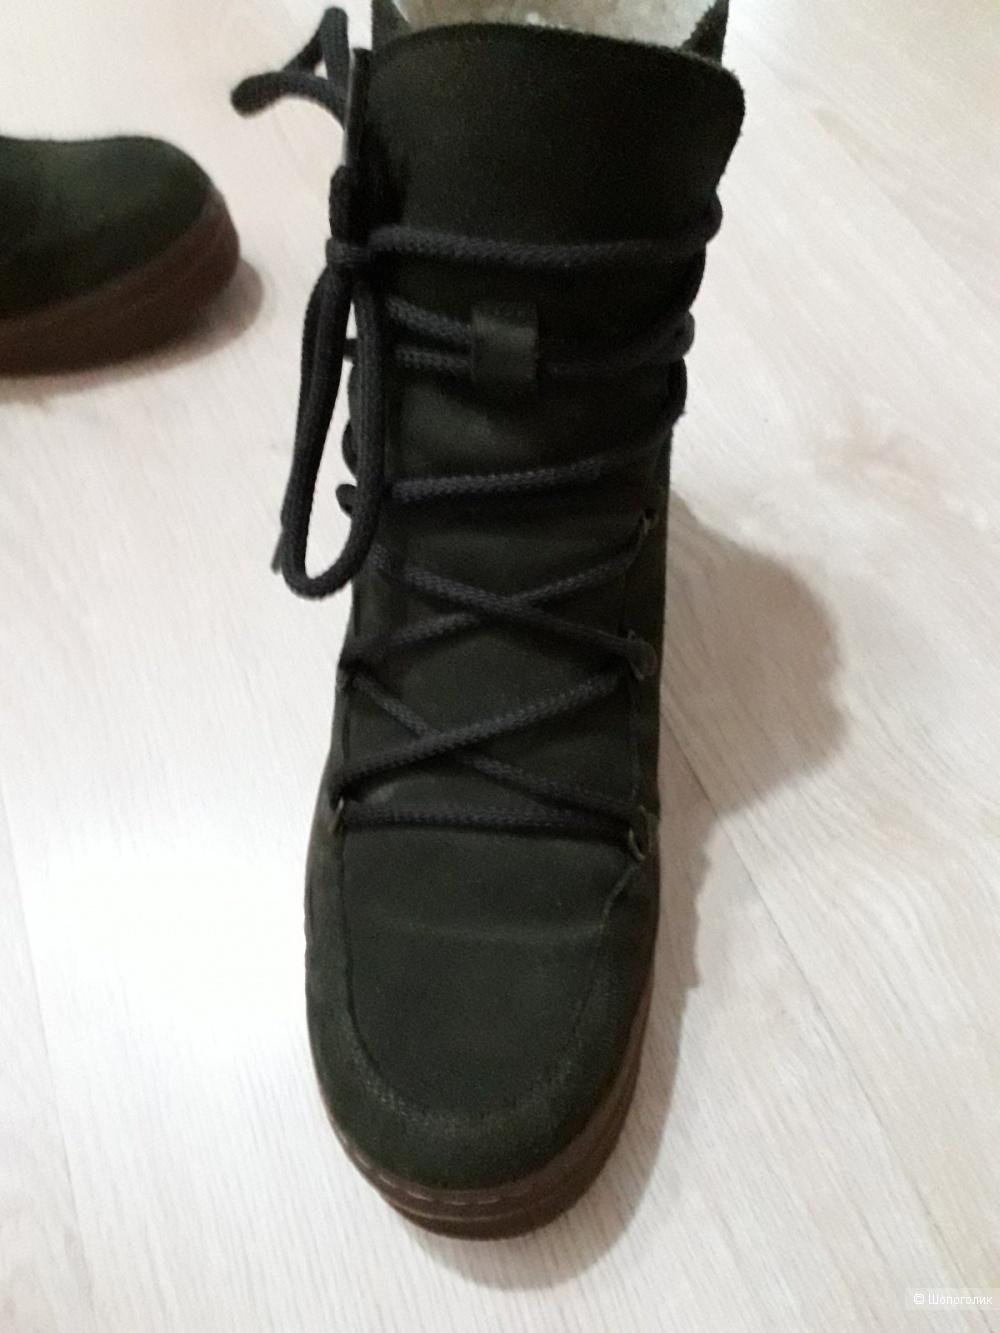 Ботинки Billi bi, длина стельки 25-25.5 см